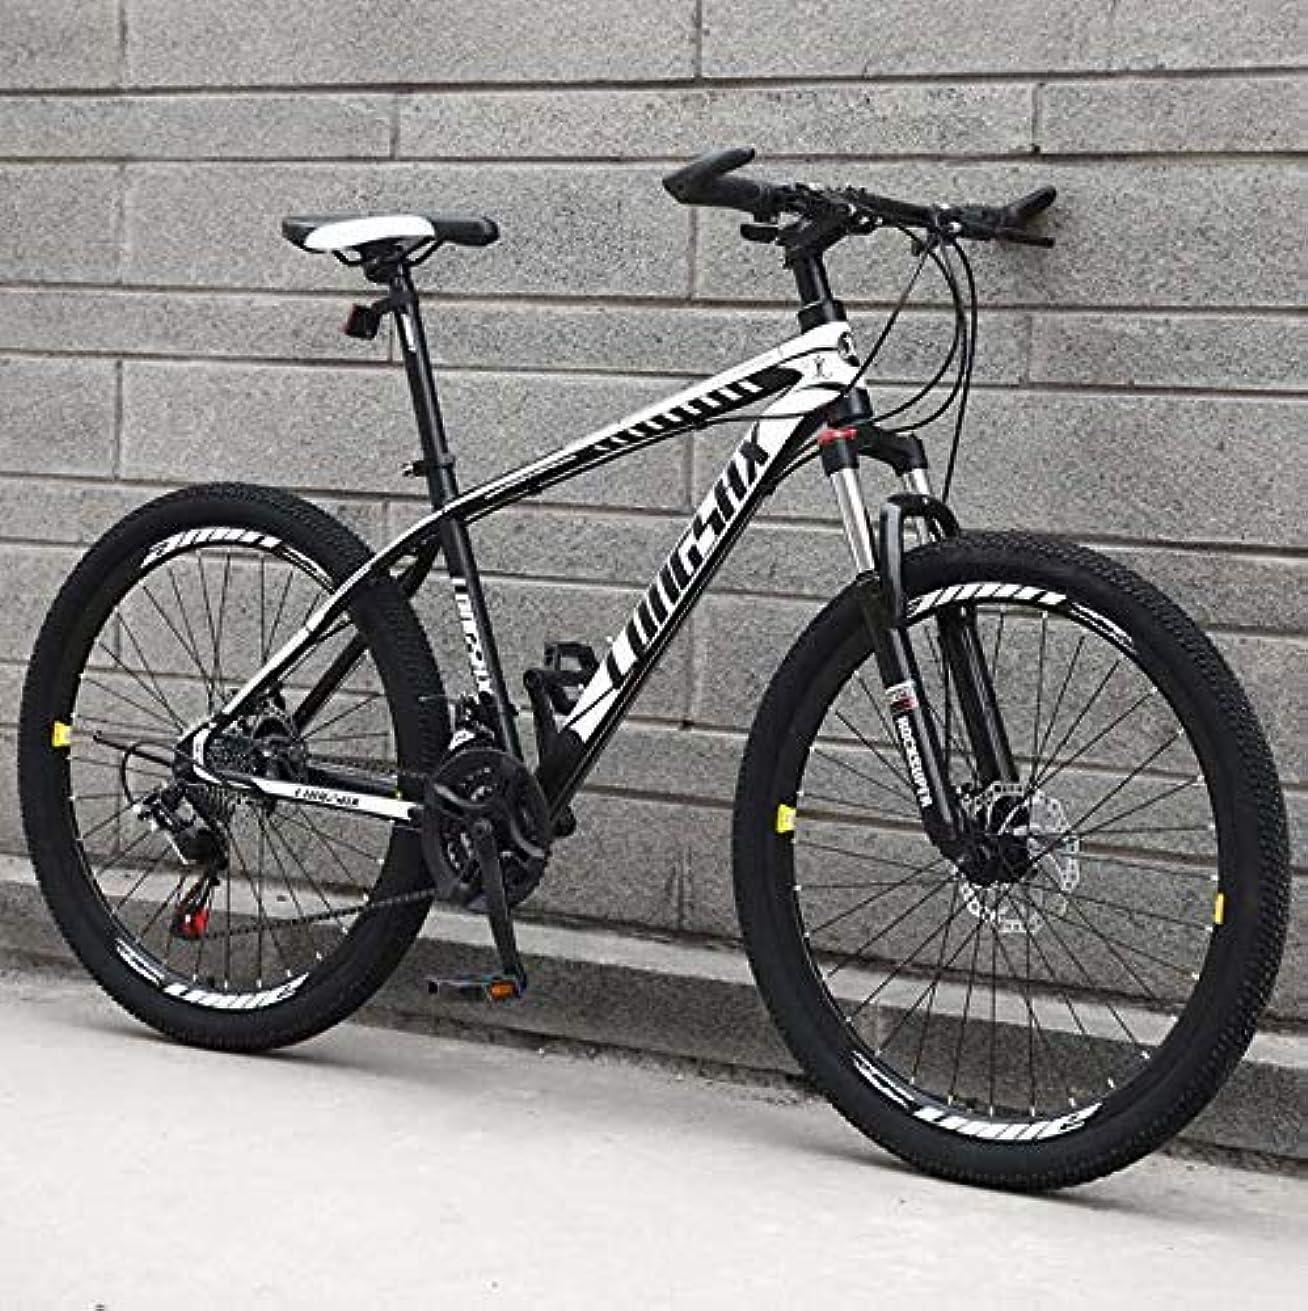 独立リスク放射能成人男性用マウンテンバイク、高炭素鋼フレームMBTバイク、衝撃吸収フロントフォークマウンテン自転車、ダブルディスクブレーキ